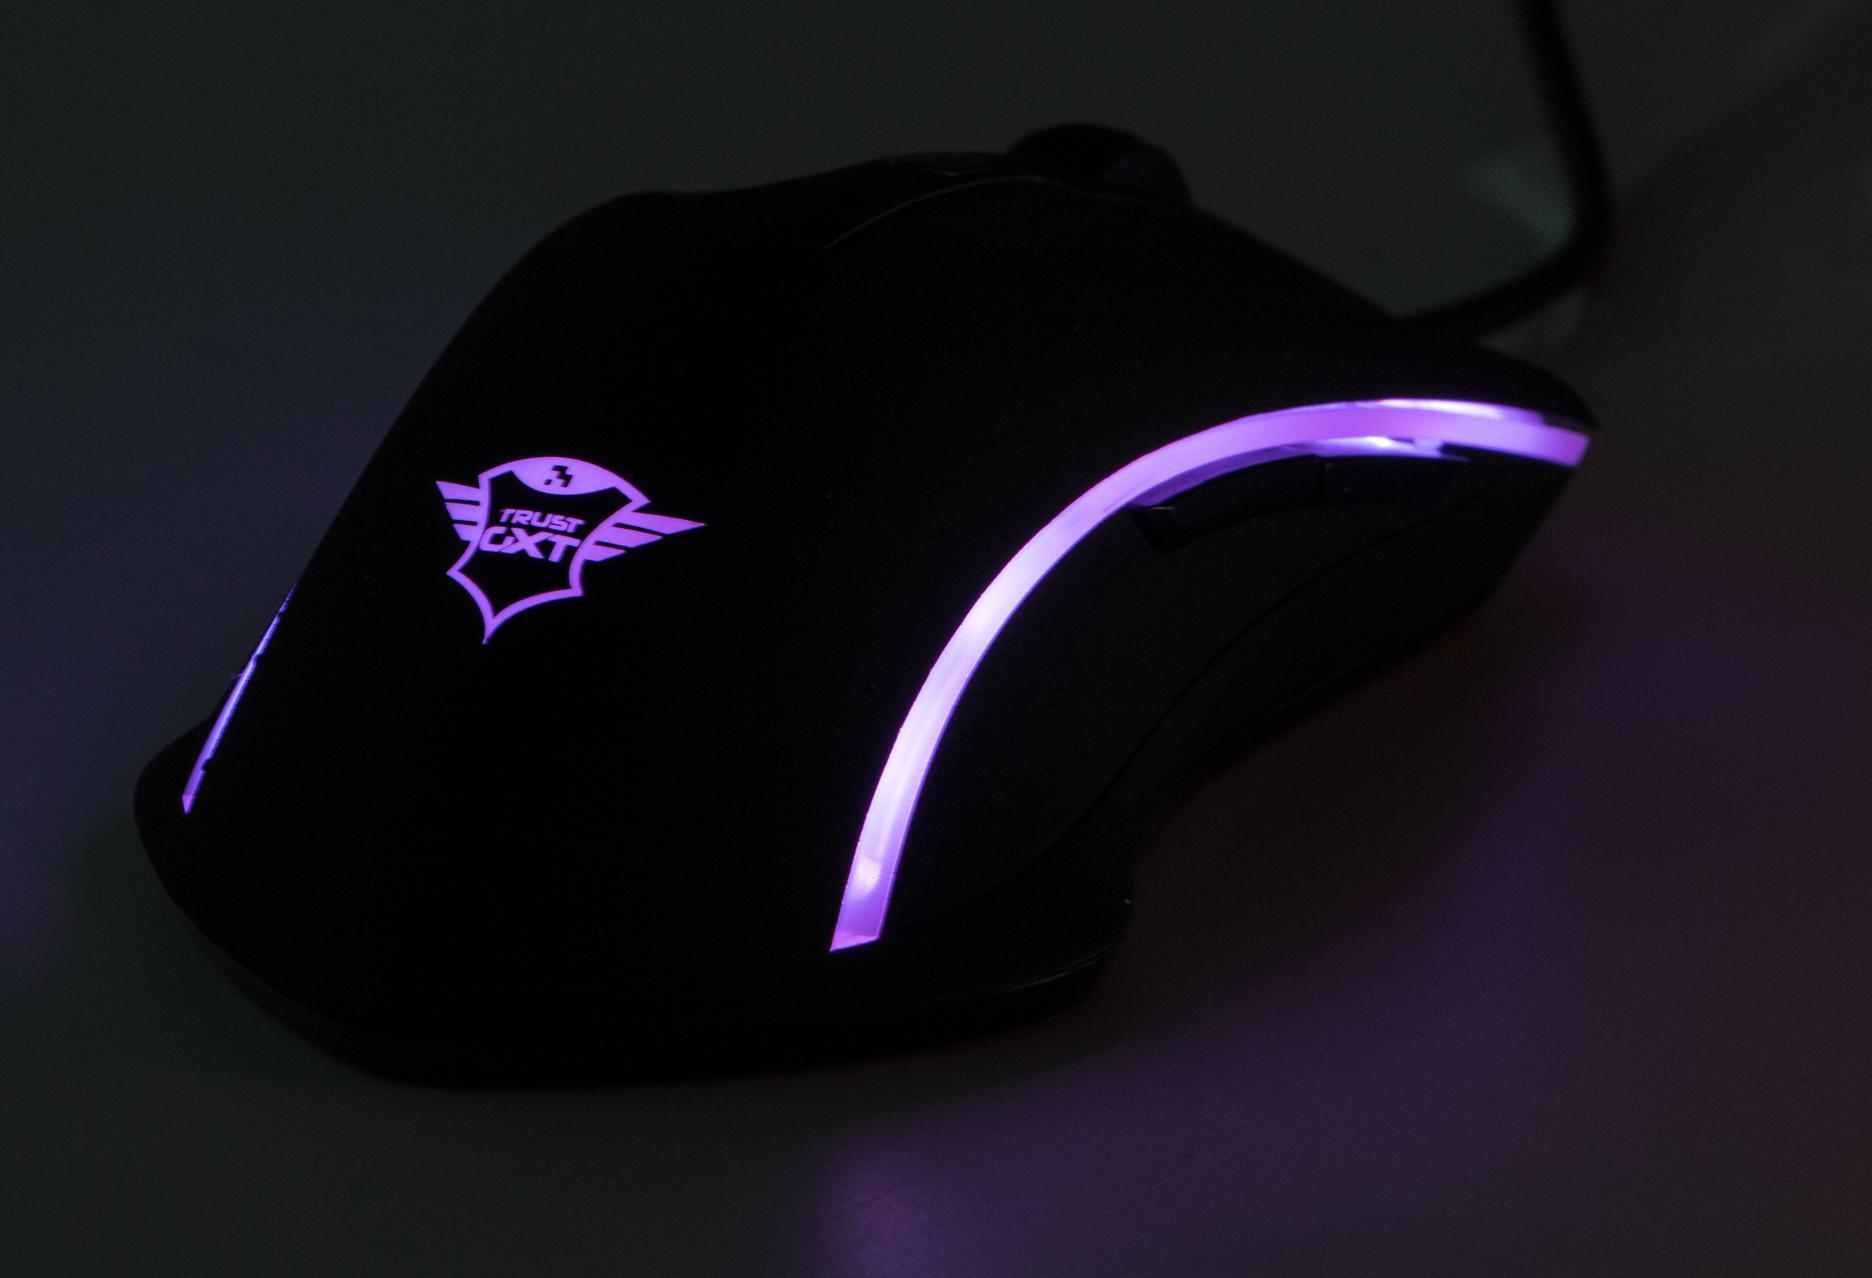 Trust GXT 177 Gaming Mouse - obszary podświetlenia